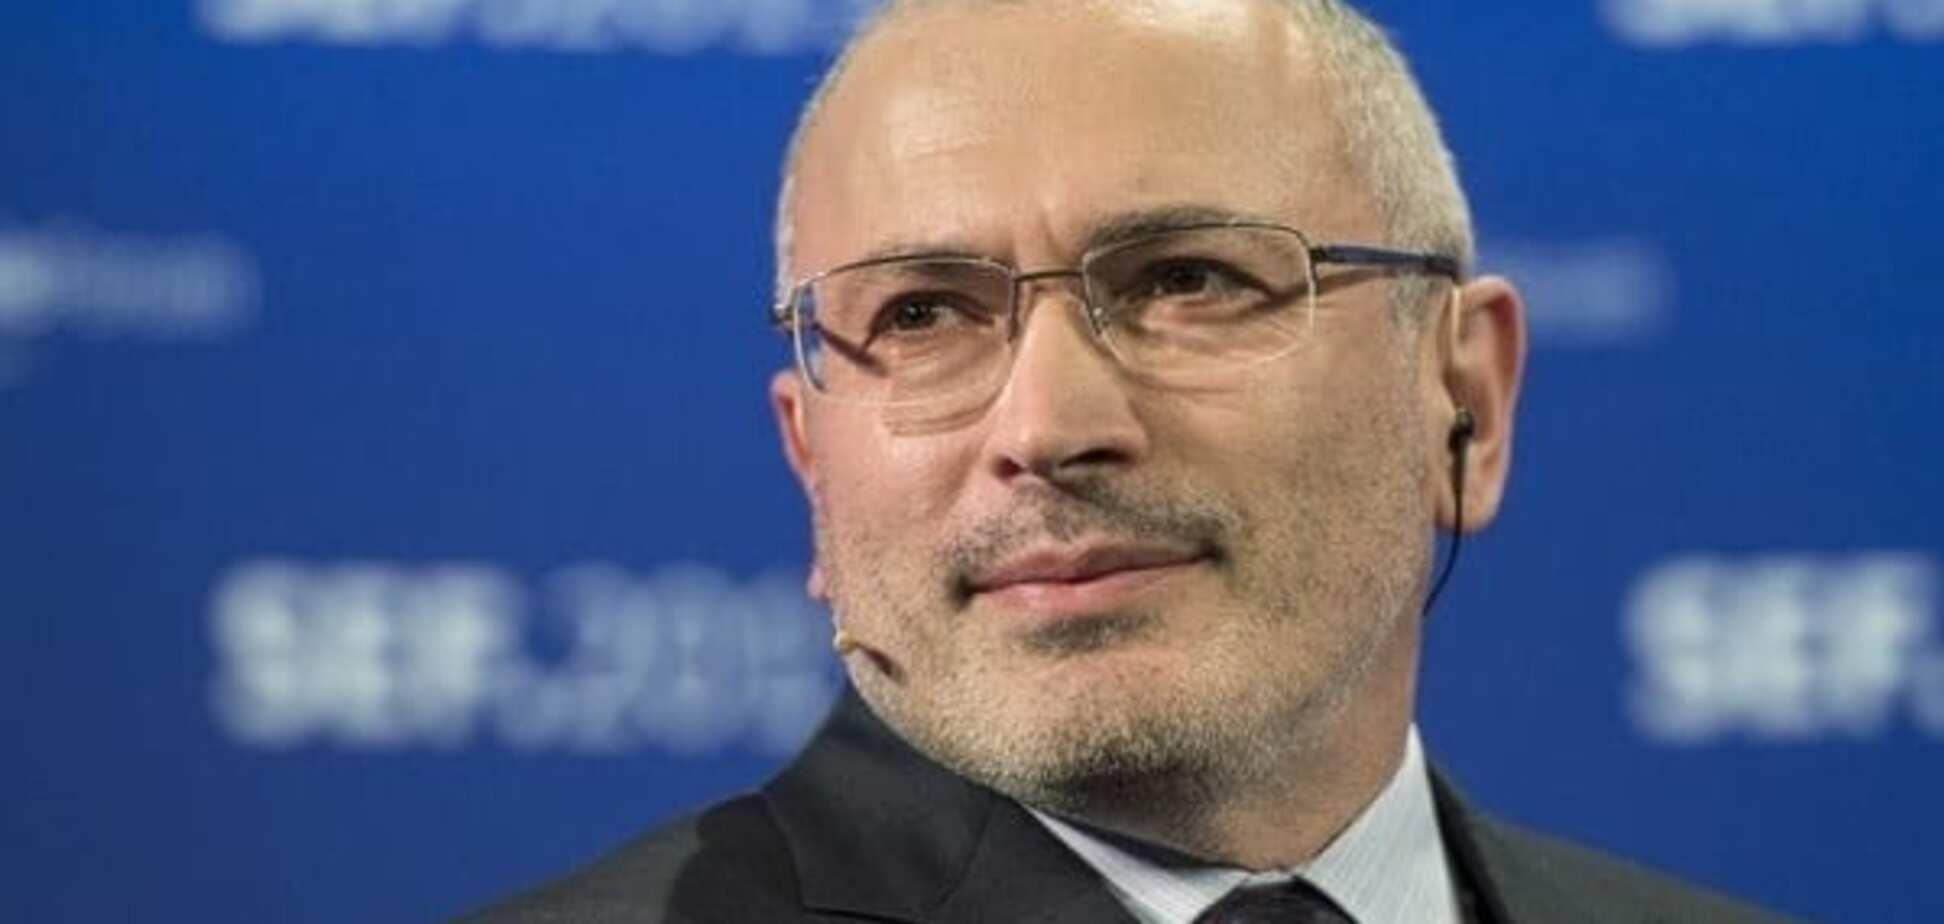 Путін перетворив Конституцію Росії в папірець - Ходорковський